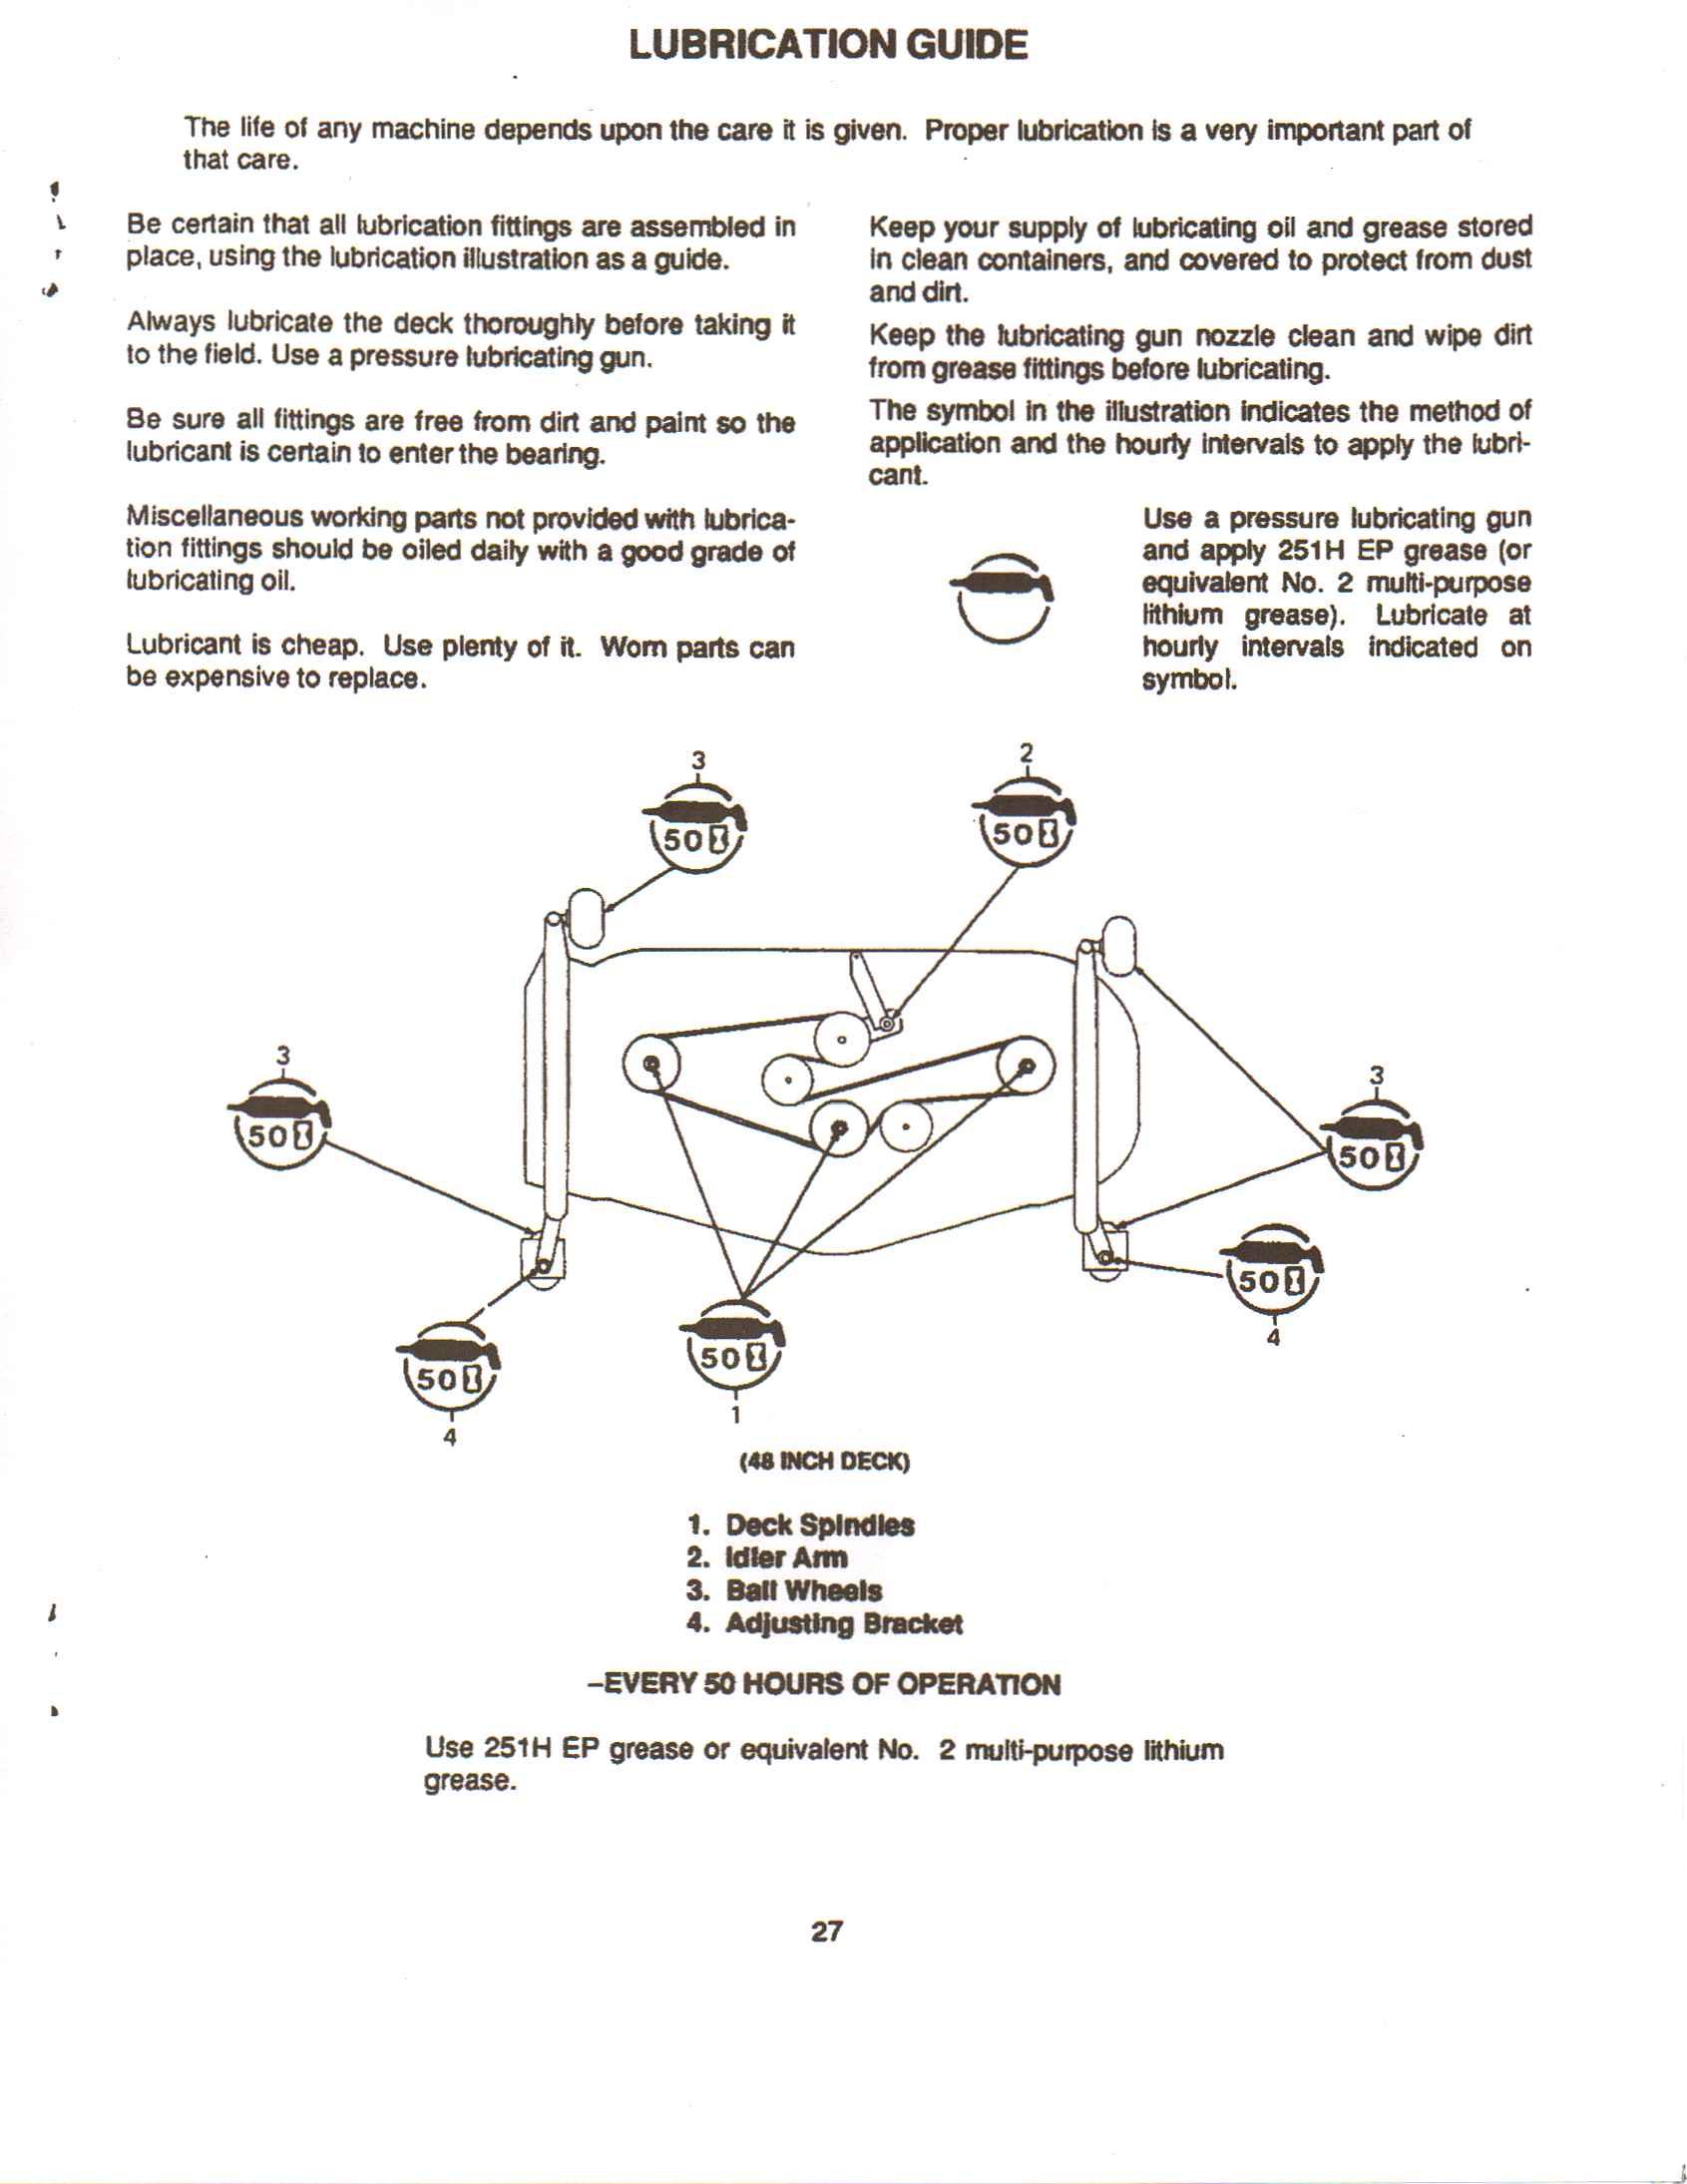 Cub Cadet Hds 2135 Wiring Diagram Diagrams 2130 2185 Model Schematic